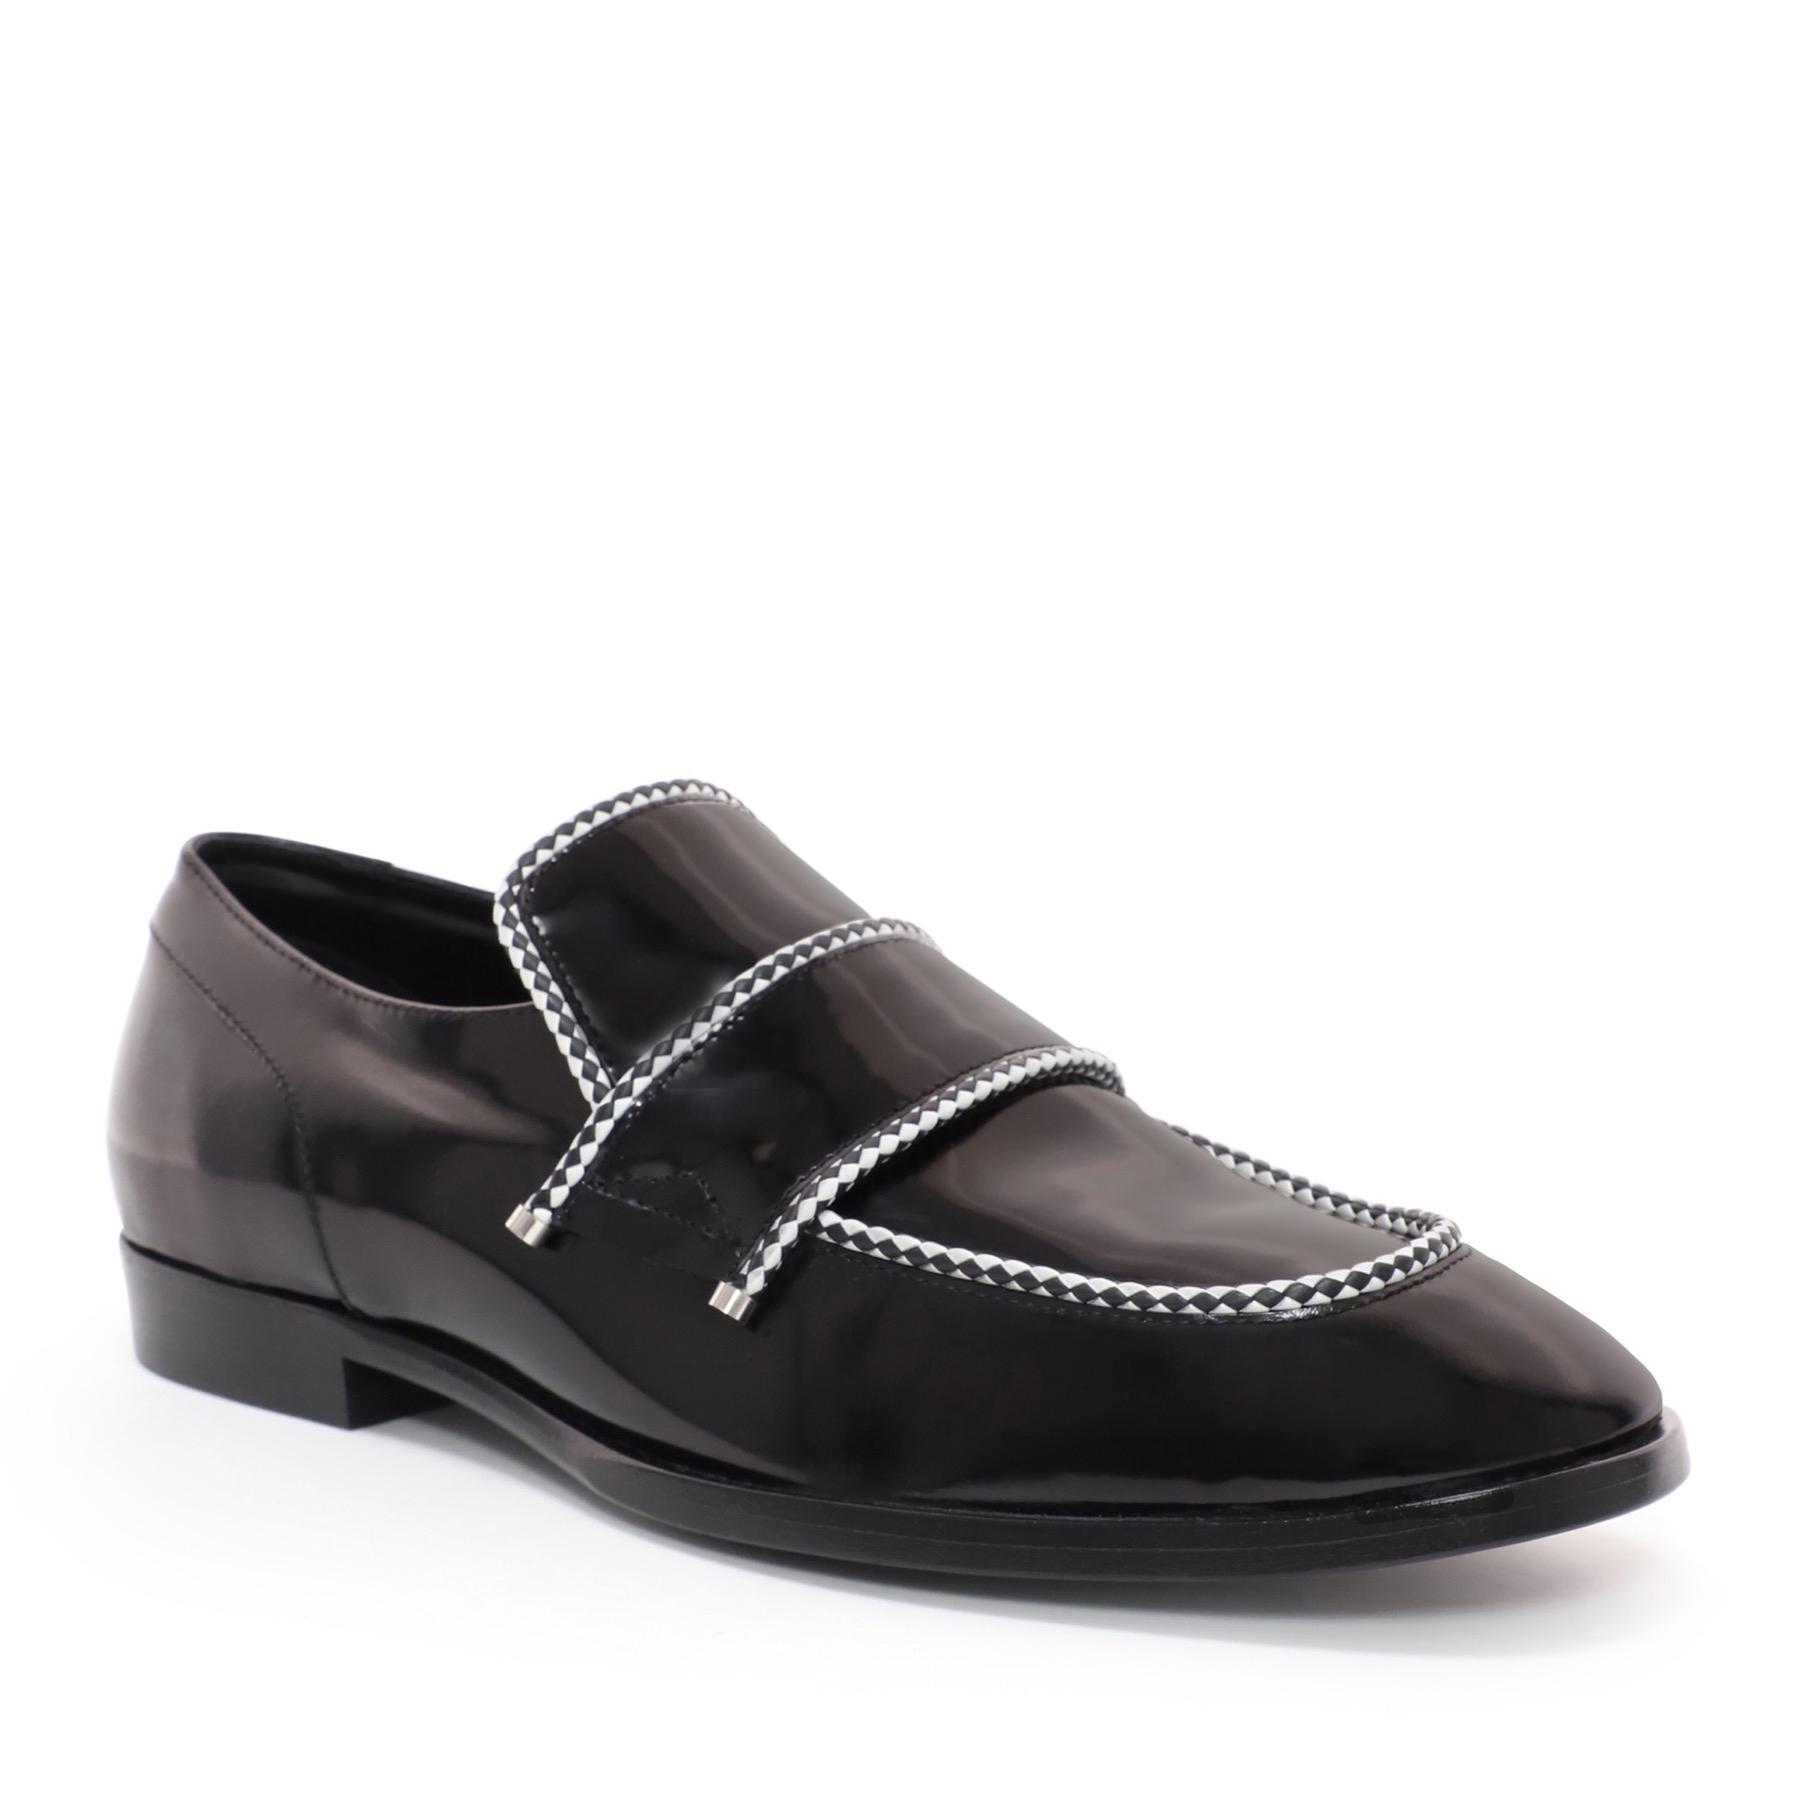 84a6d1a1244 Jimmy Choo Talib in Black for Men - Lyst